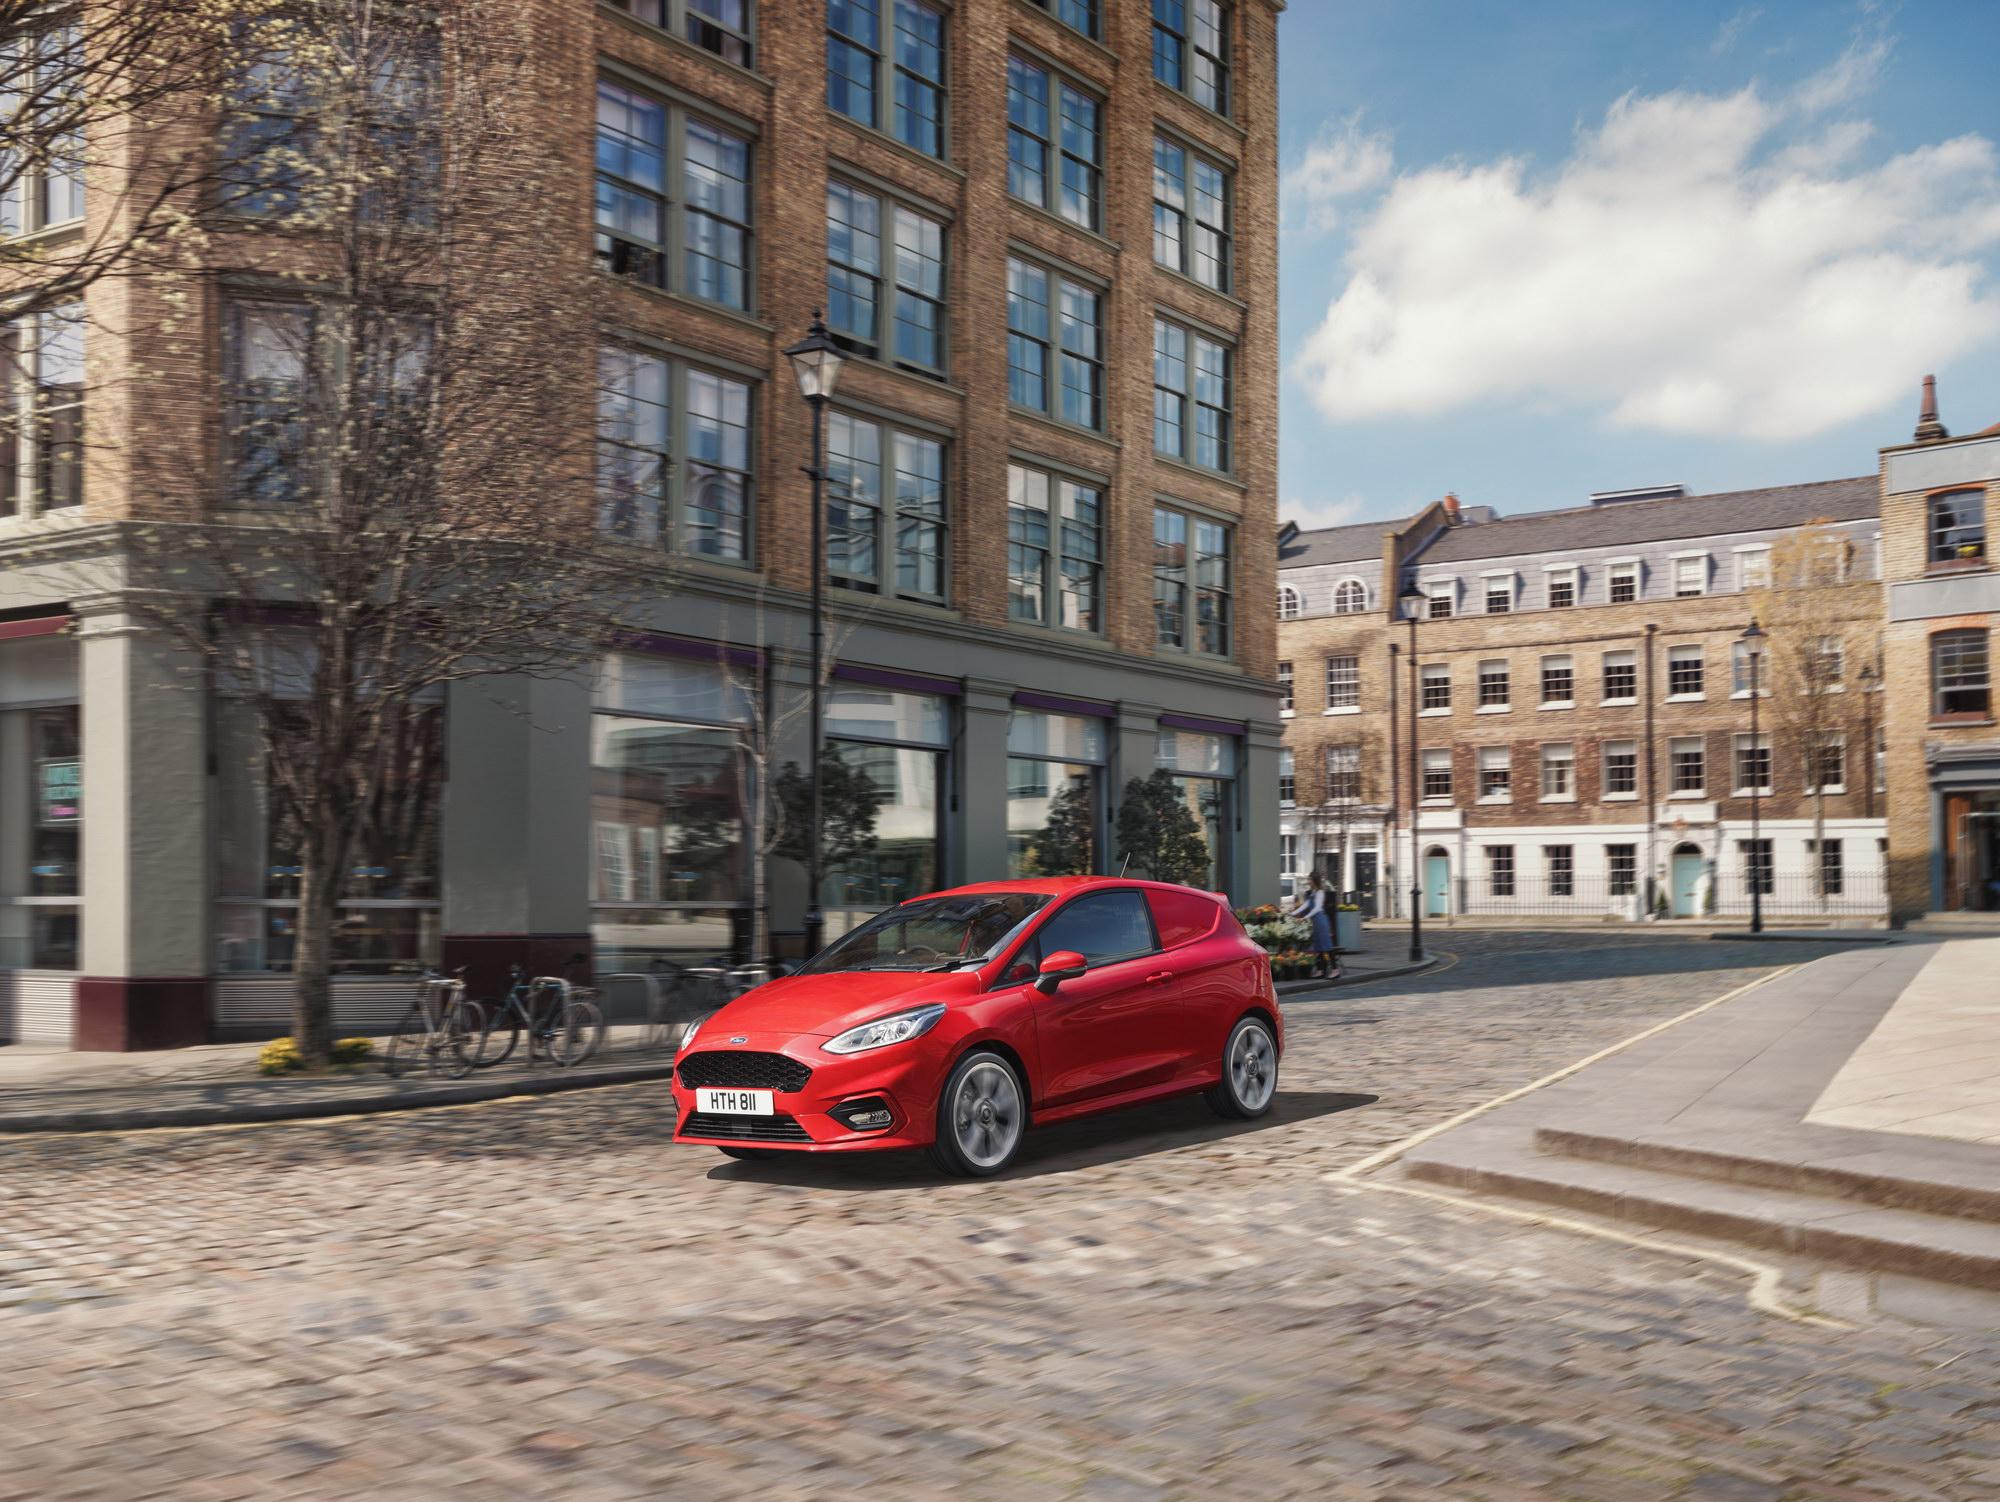 Ford esittelee täysin uuden Fiesta Vanin ja FordPass Connect -liitettävyysteknologian ...